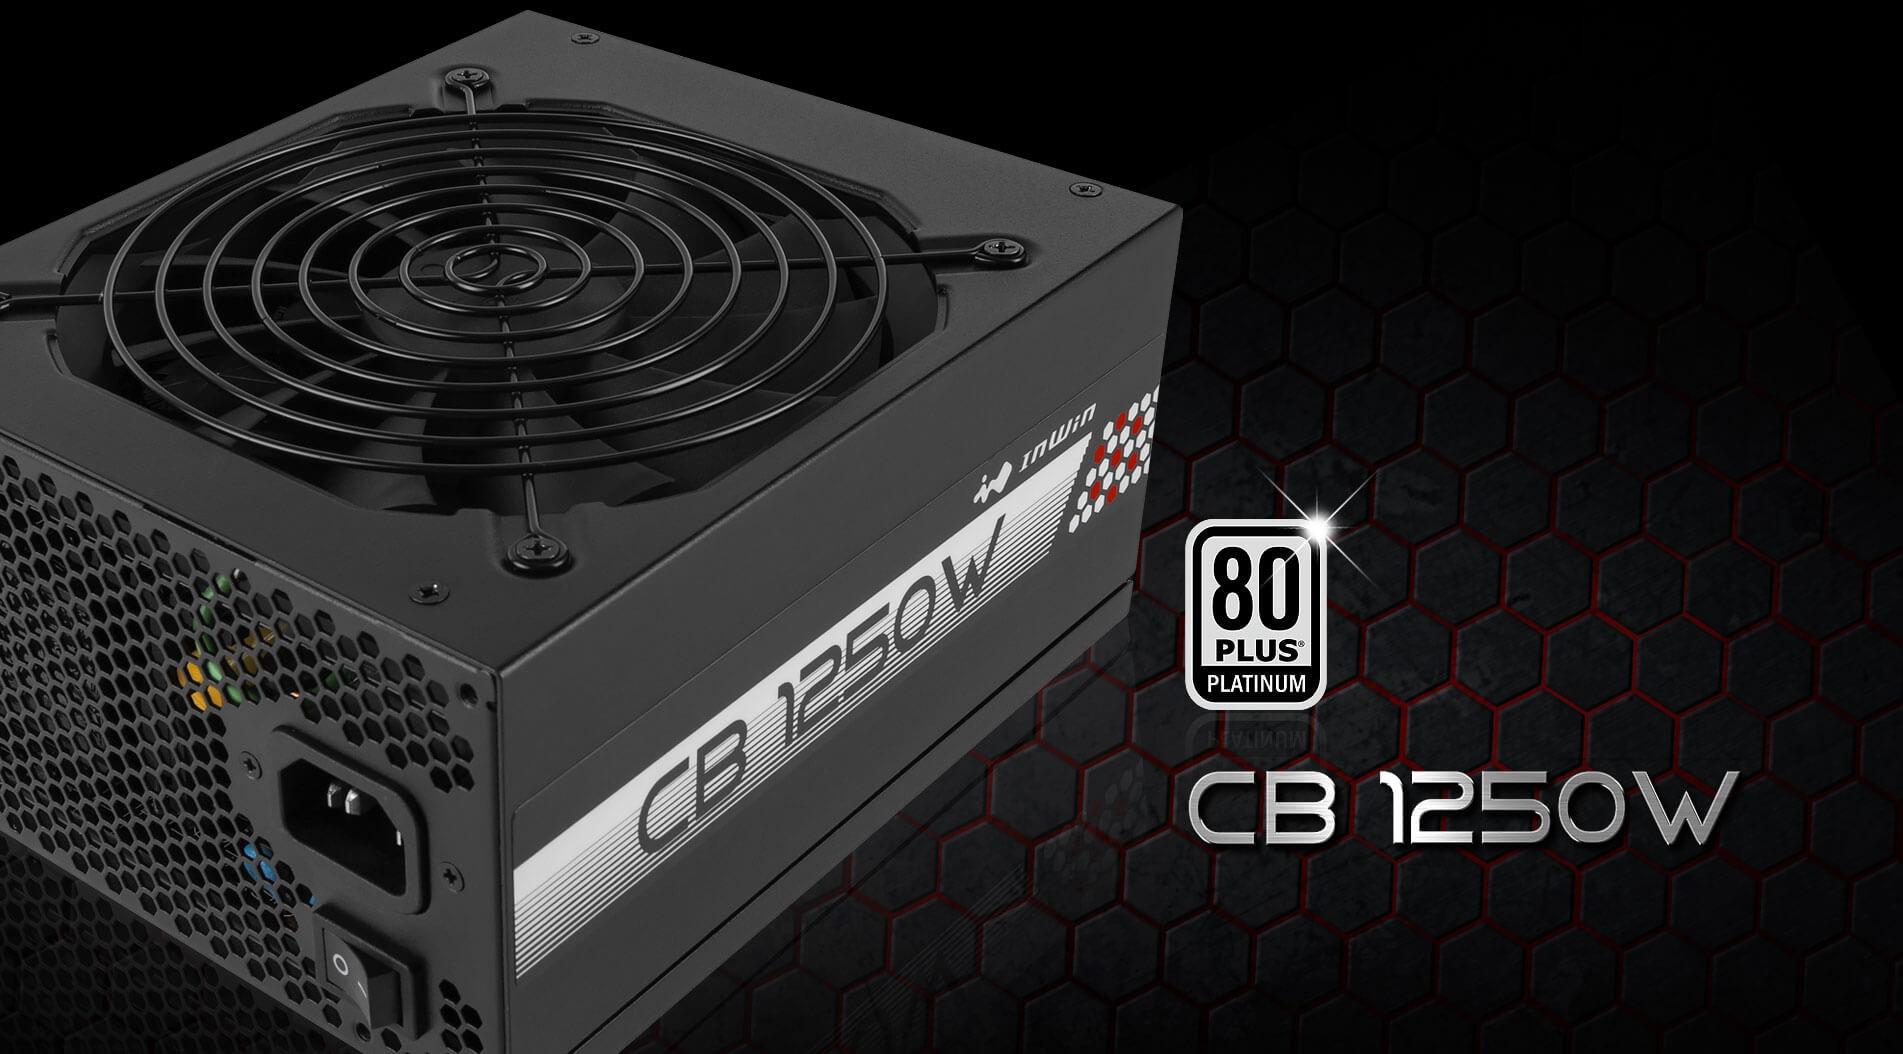 CB-1250W